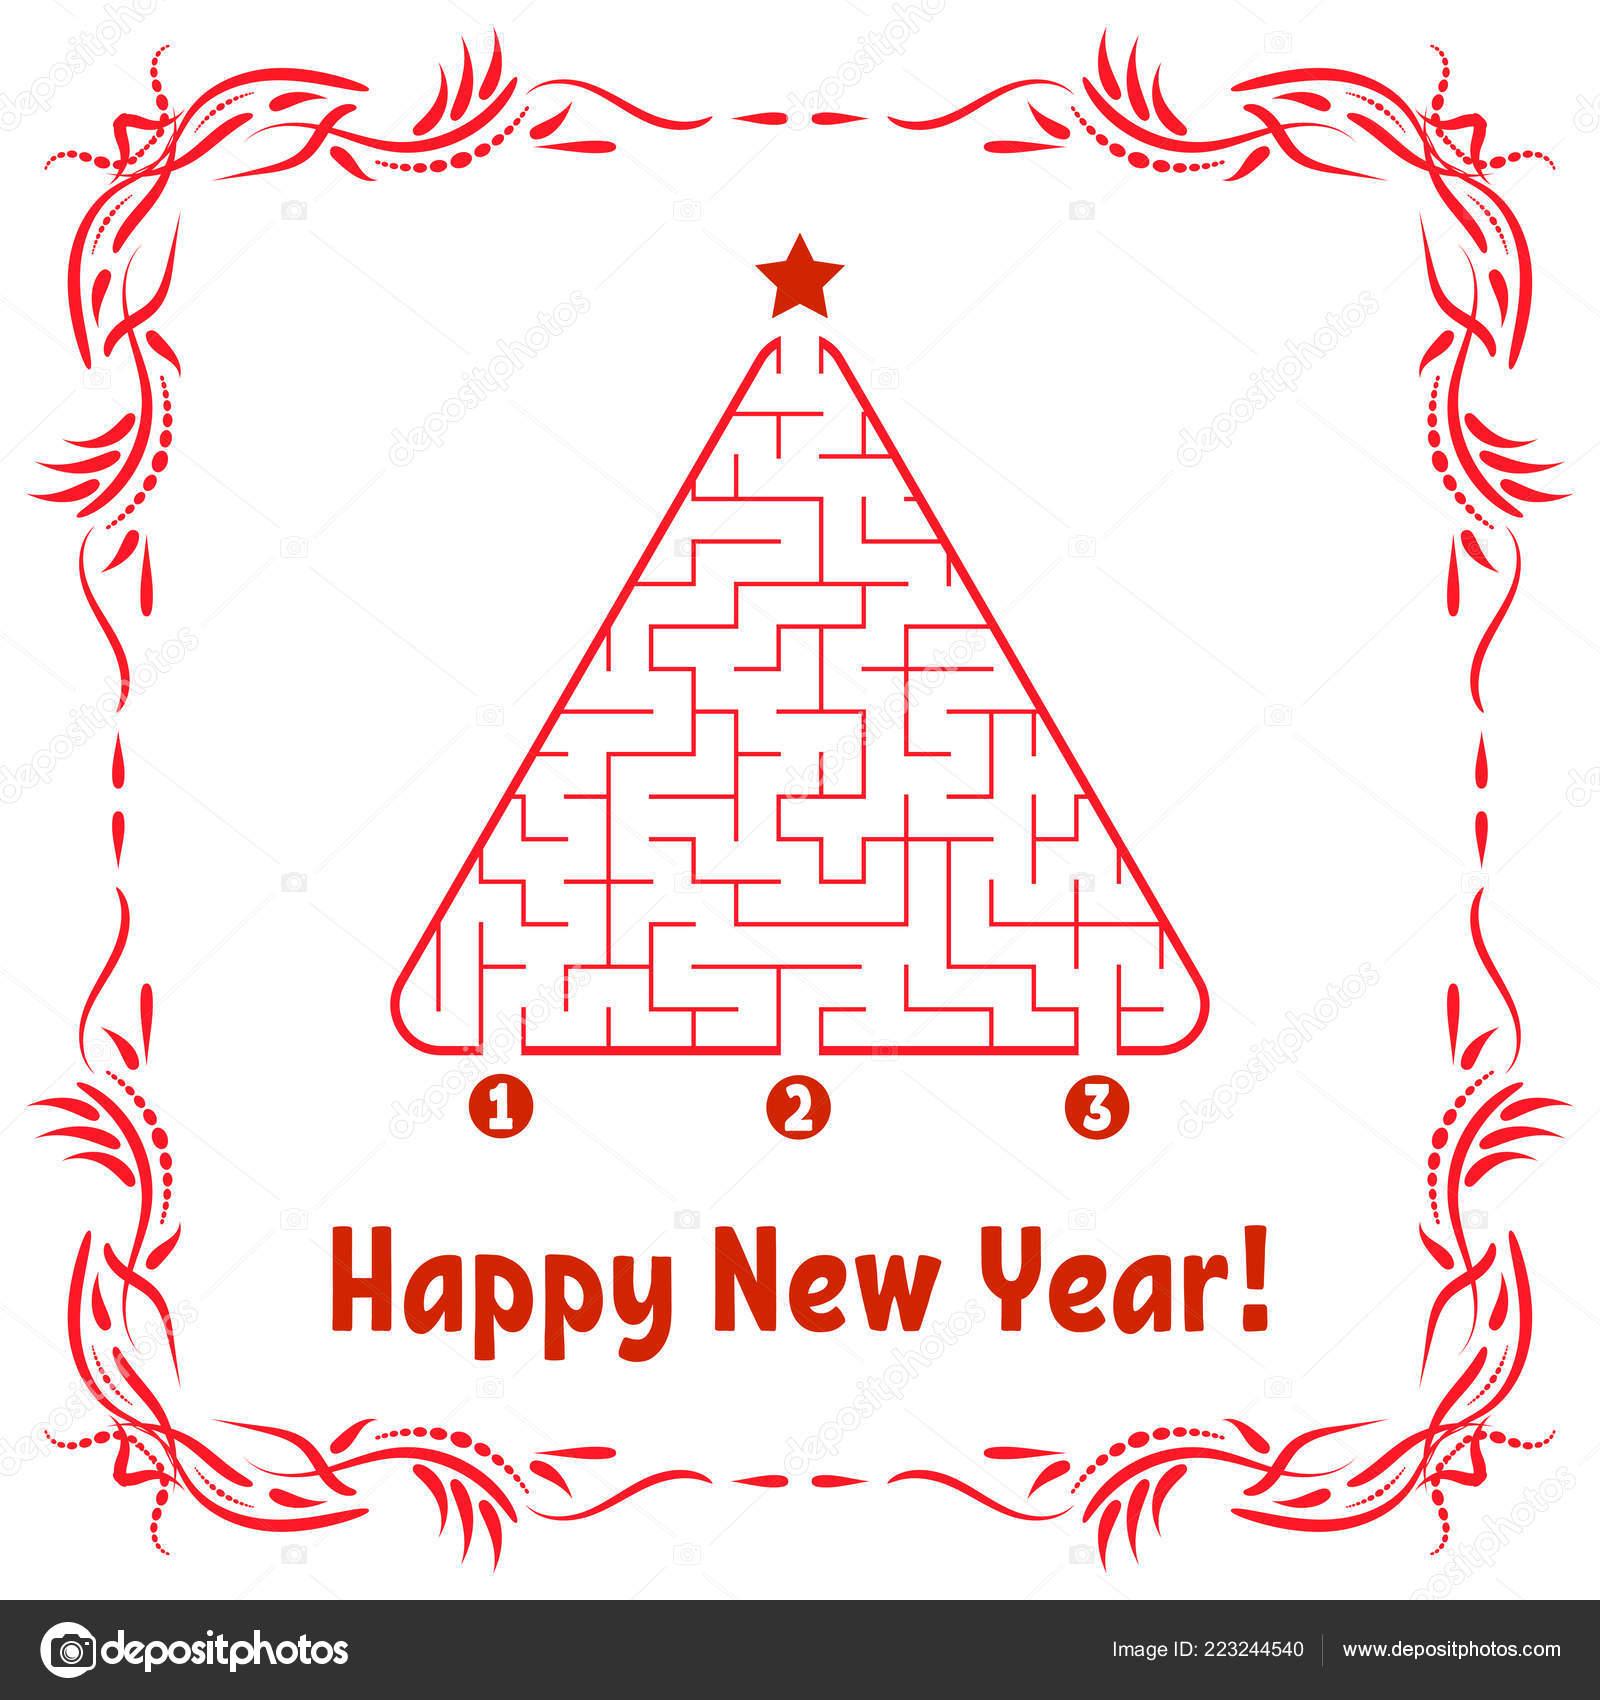 Tarjeta Felicitacion Ano Nuevo Con Laberinto Triangular Encontrar